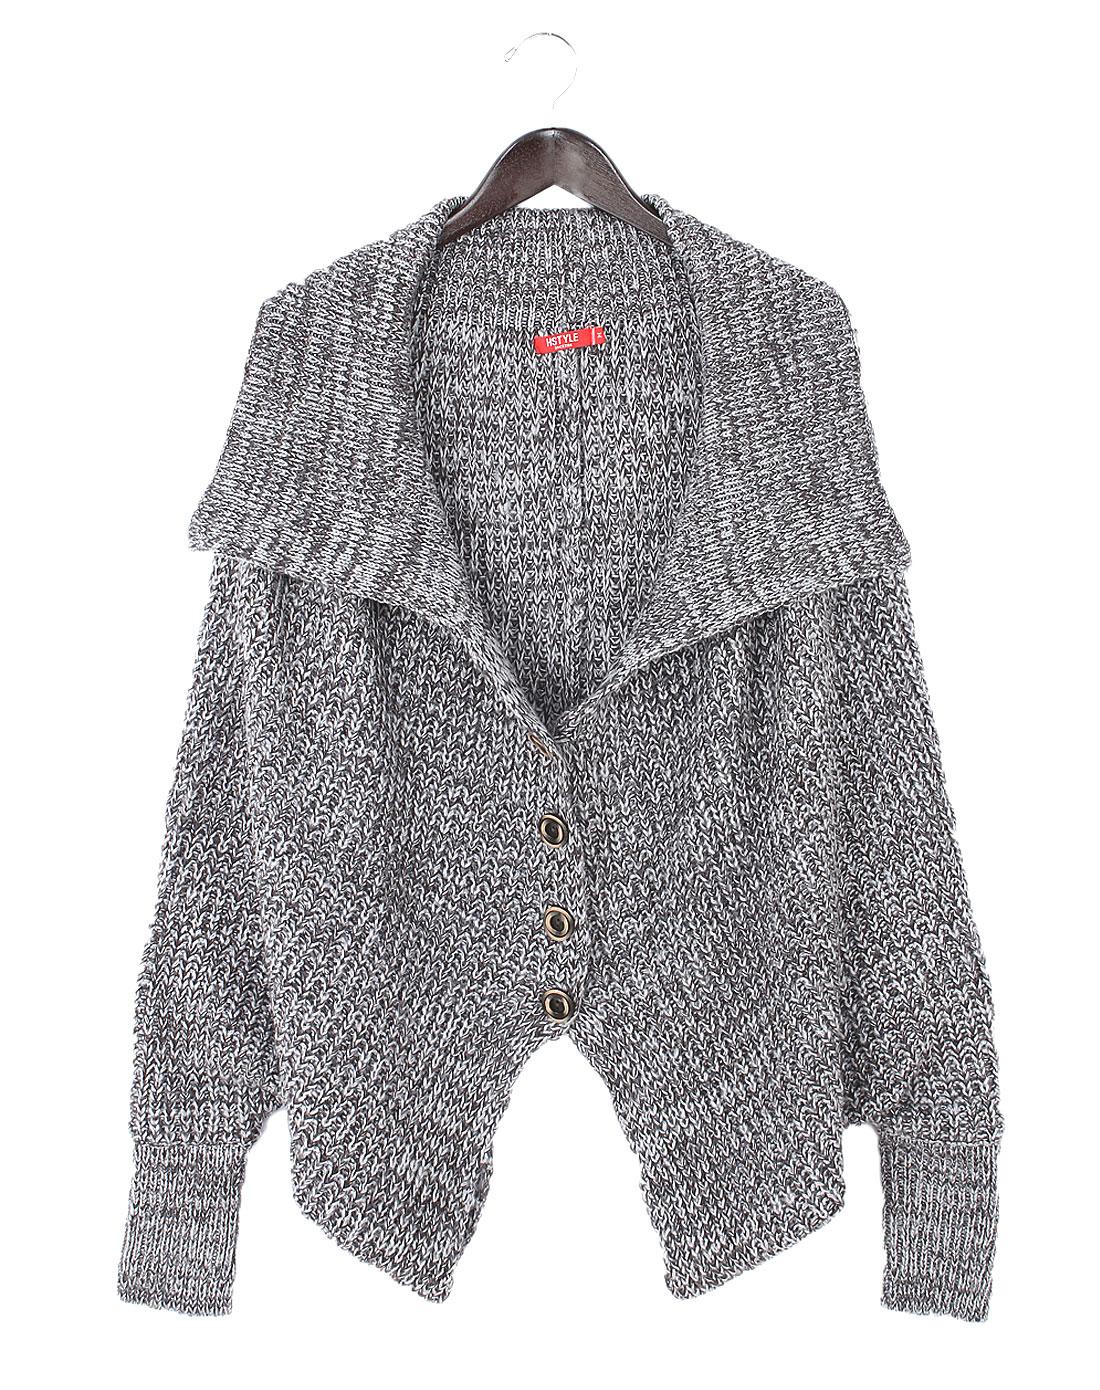 宝宝开衫毛衣编织图案